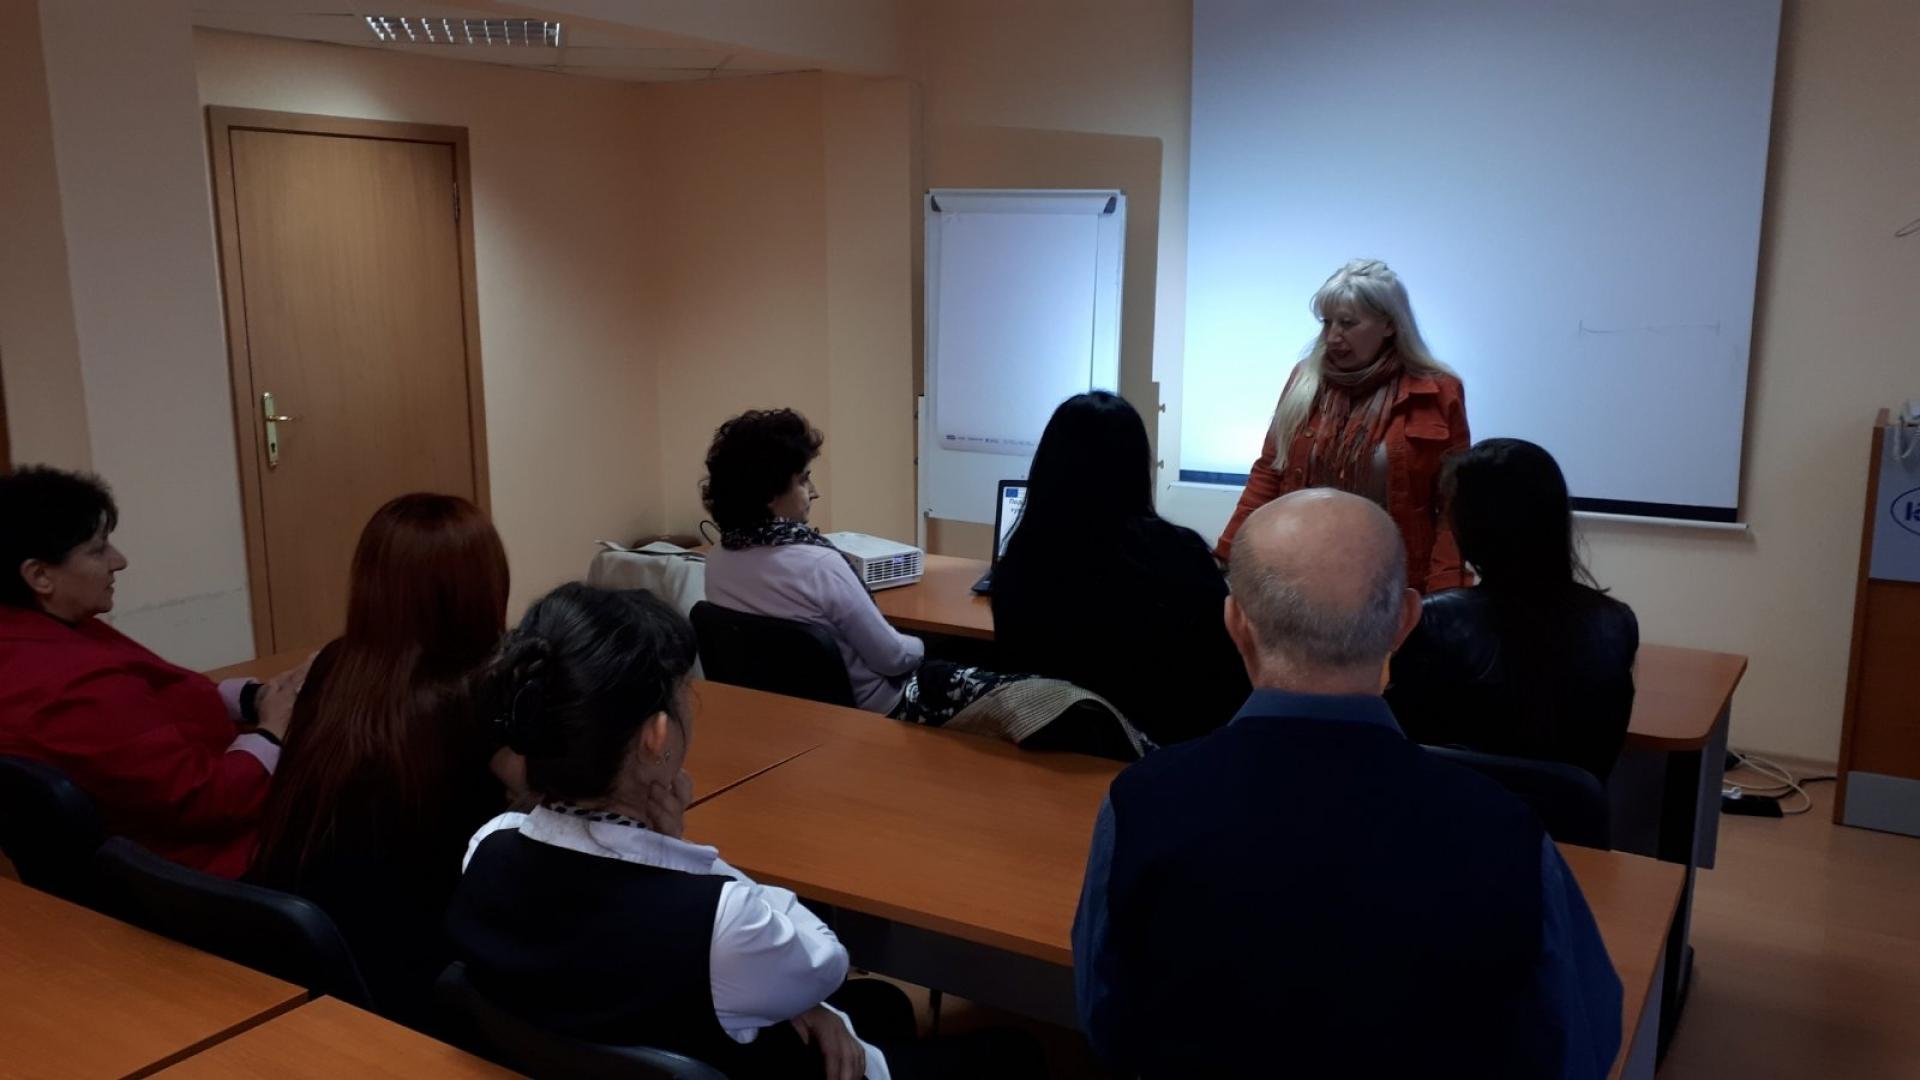 БЦП МСП - Русе изготви 20 филма, фотоалбум и туристическо ръководство на селския туризъм в областта Русе - Гюргево